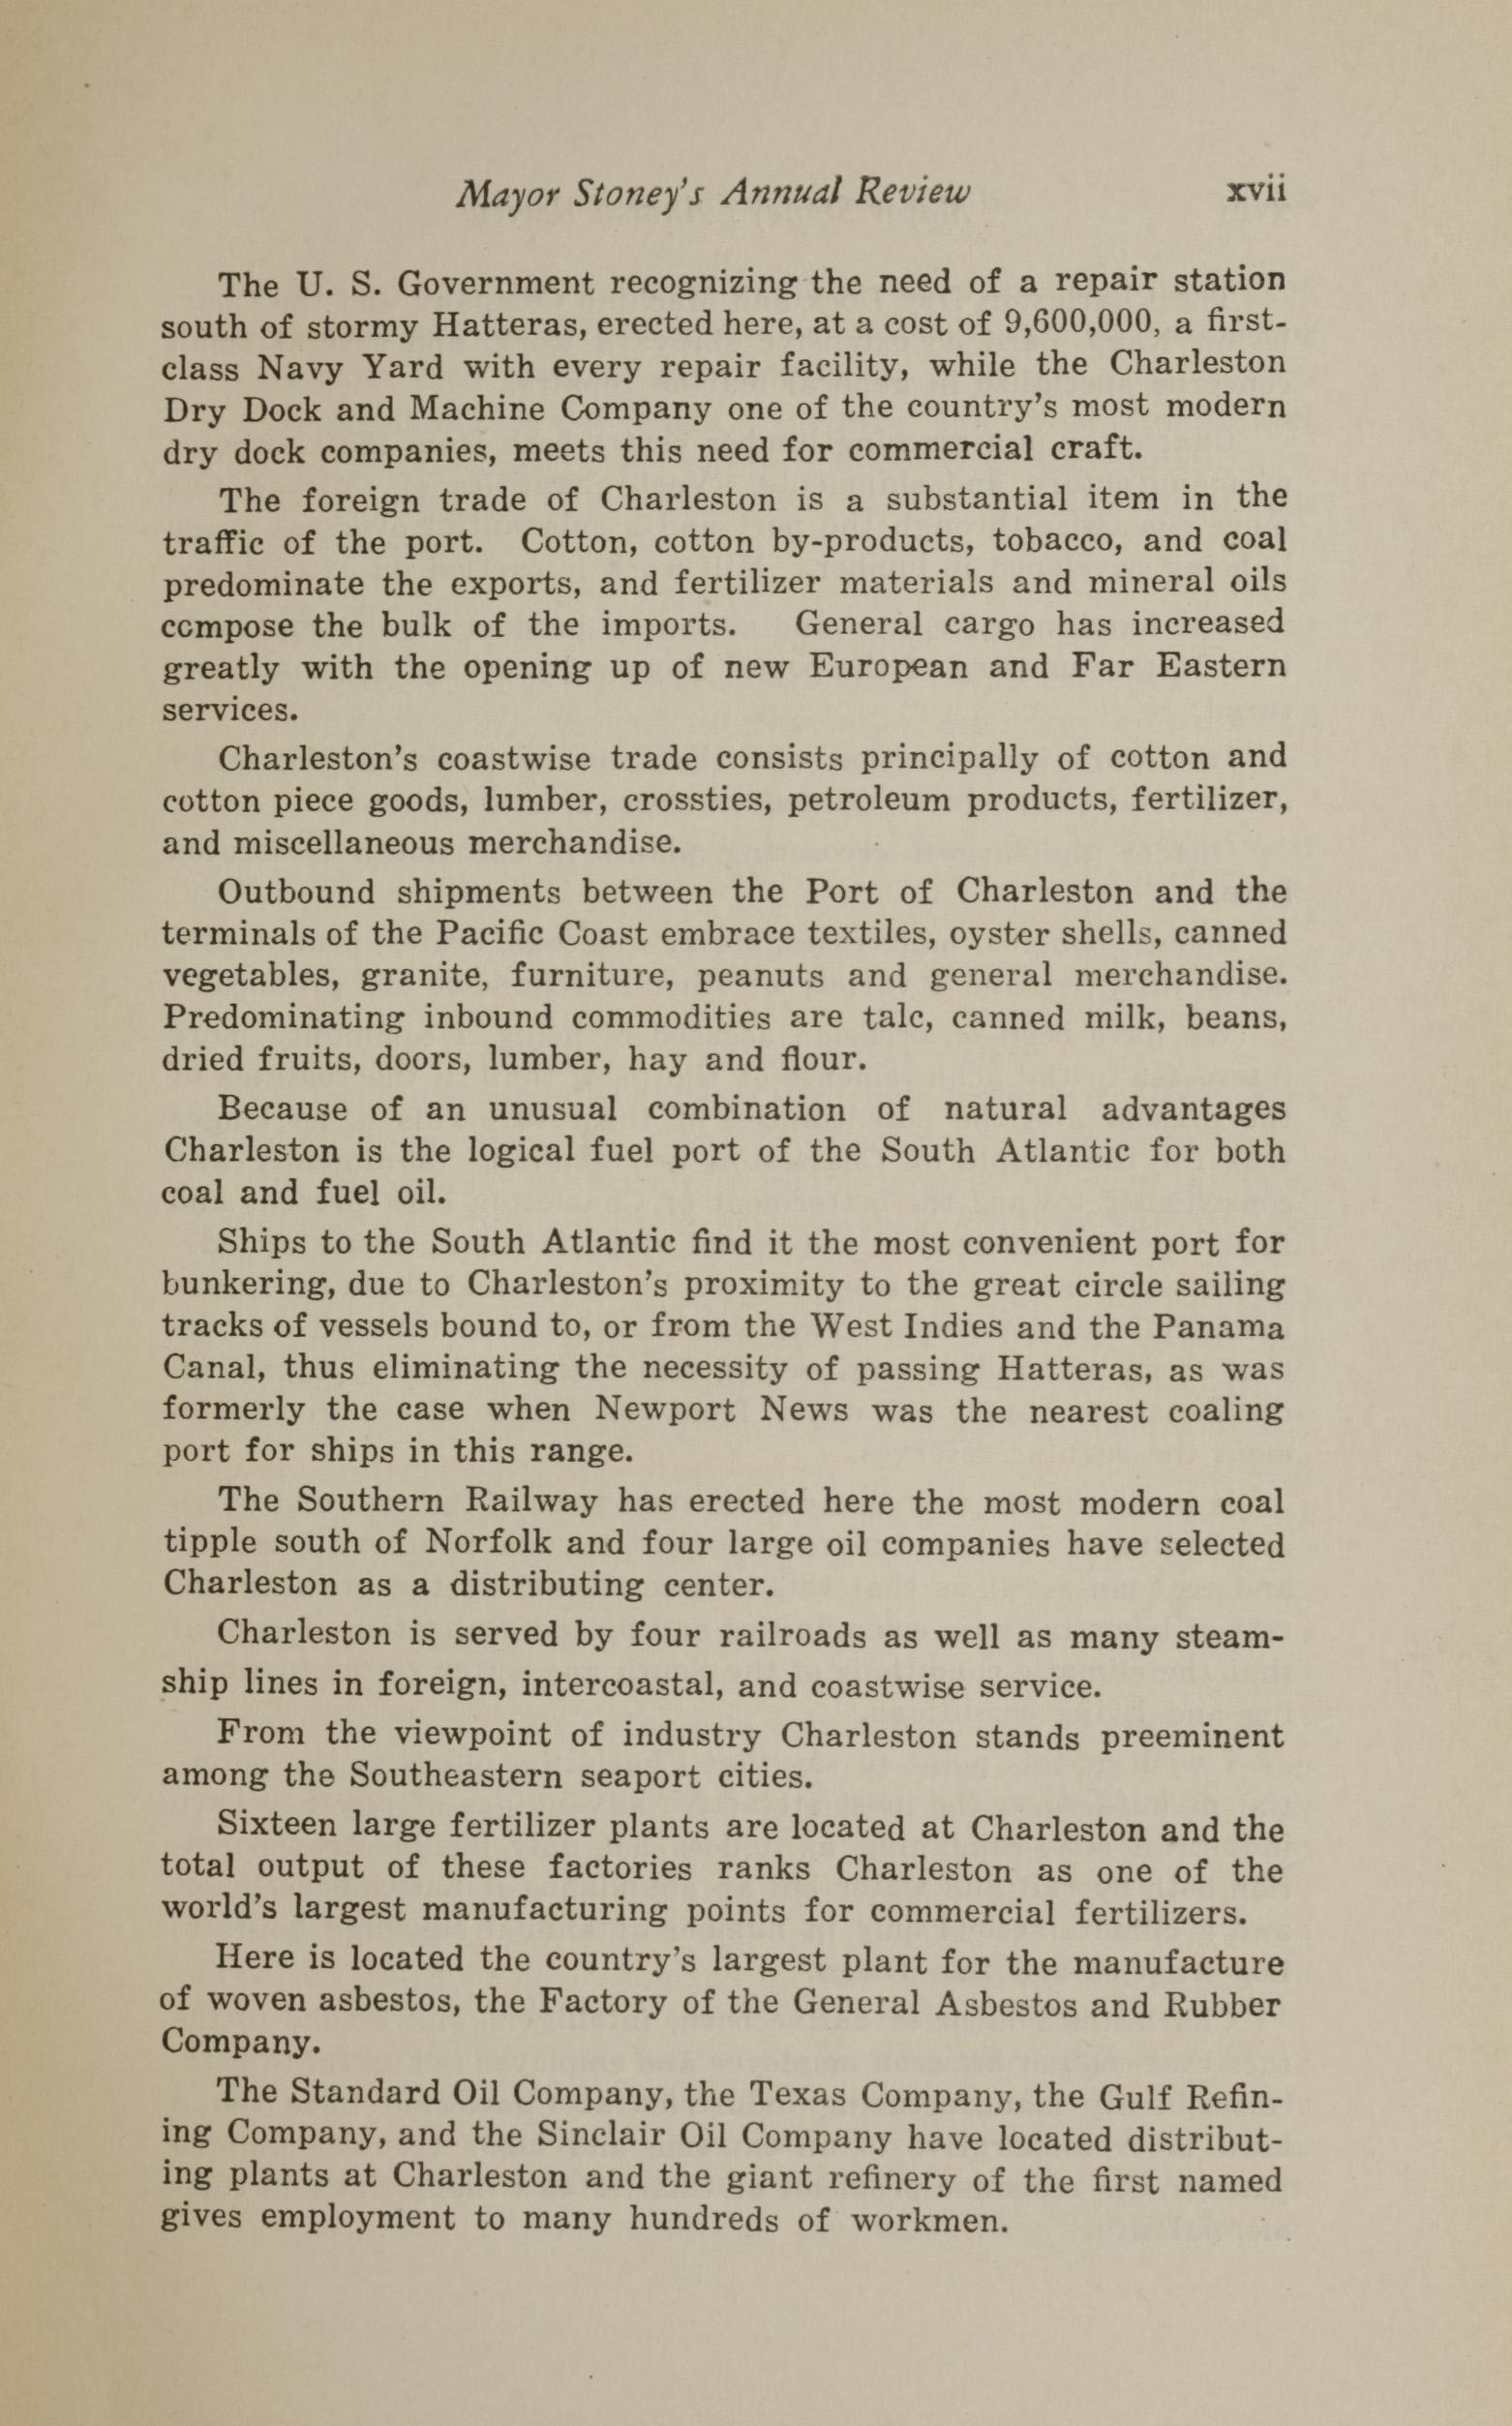 Charleston Yearbook, 1930, page xvii